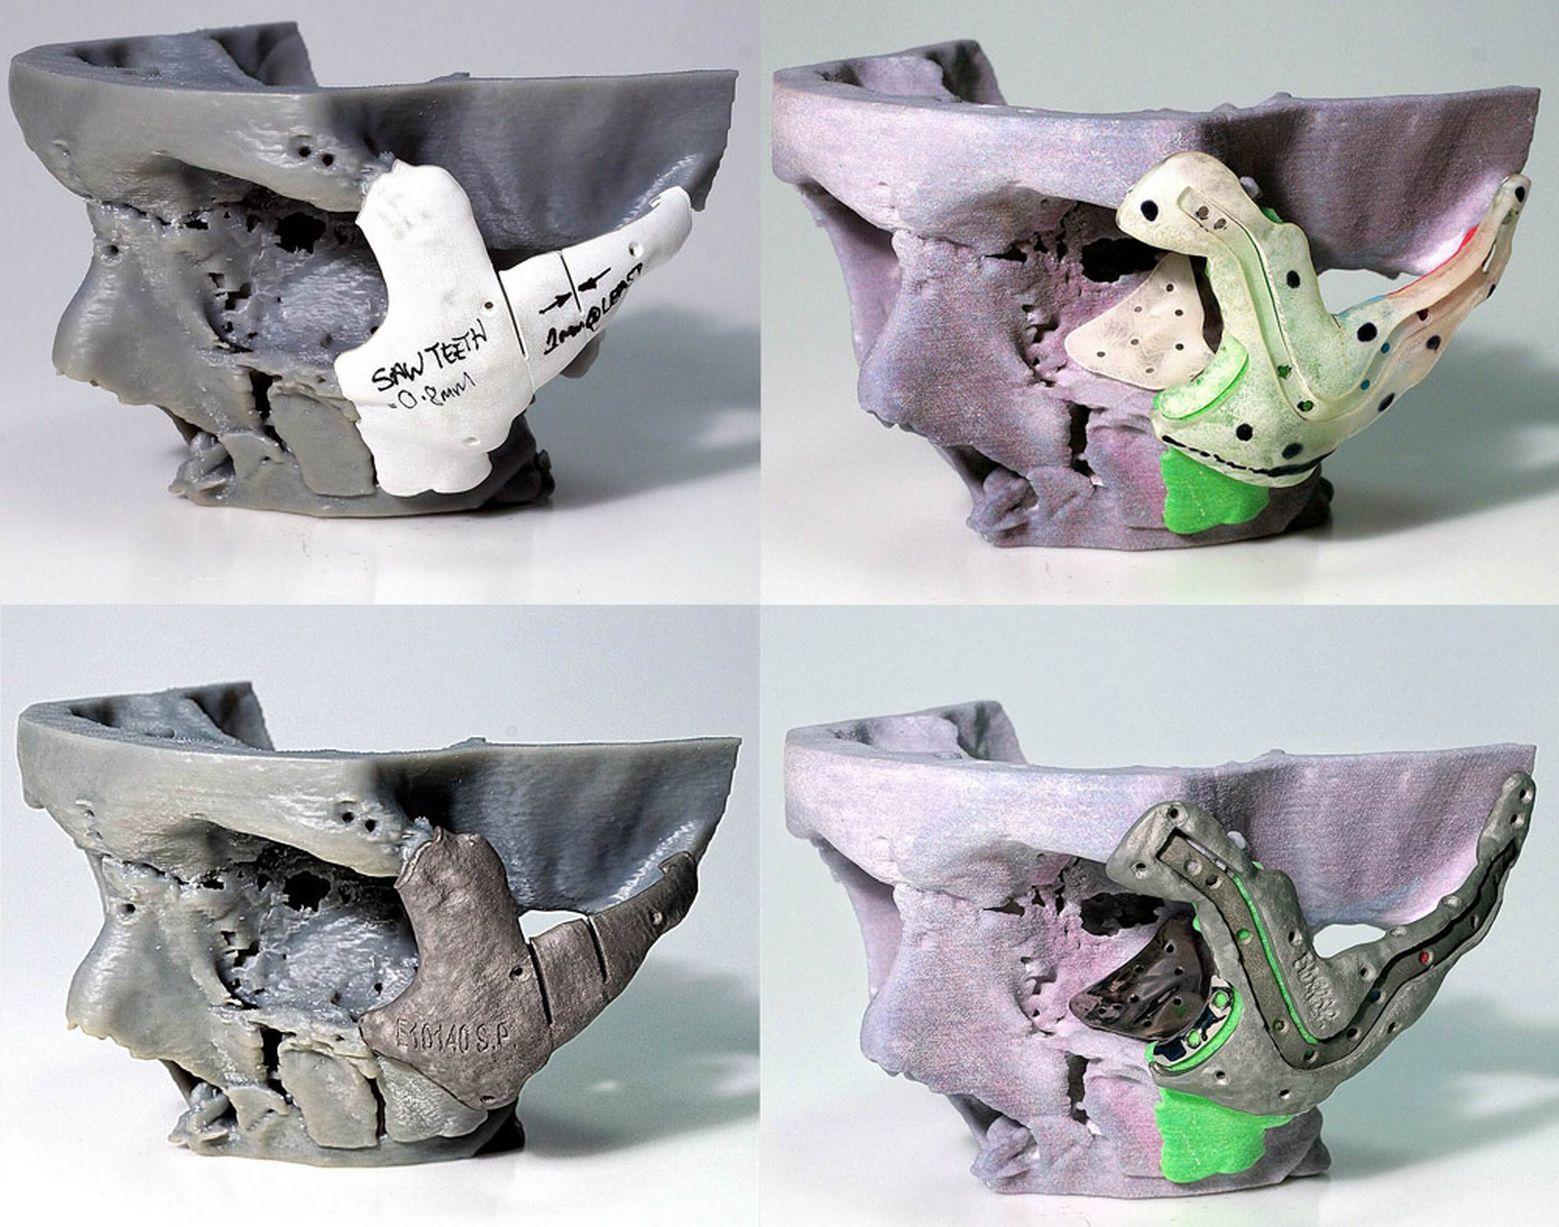 Implanturi din titan folosite pentru reconstructie faciala